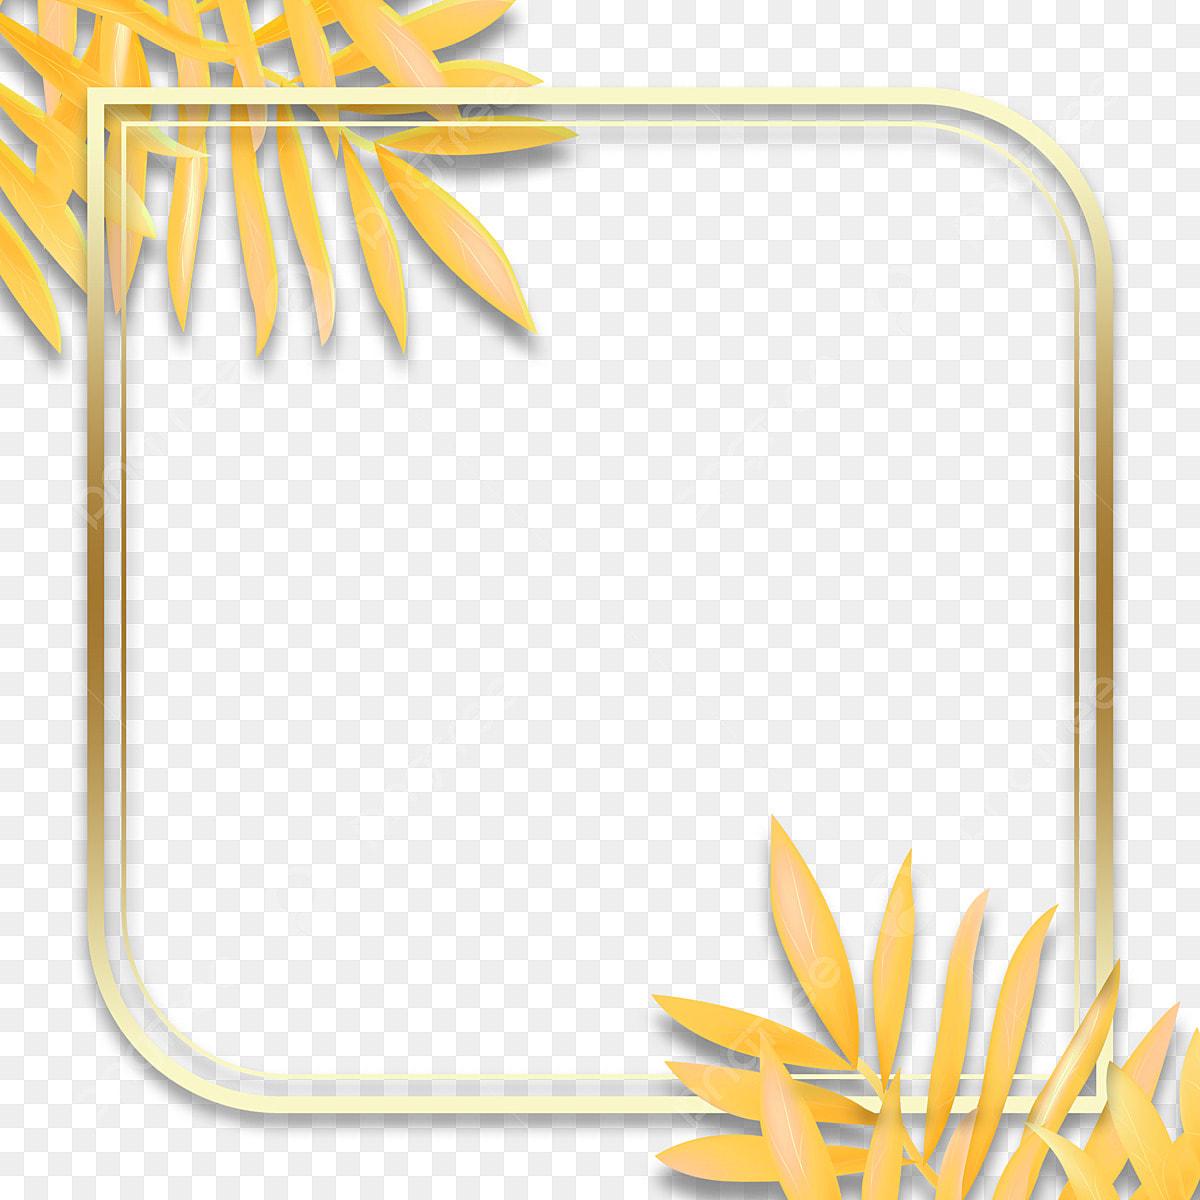 بسيطة الهندسة النباتية زخرفة إطار ذهبي الملمس هندسي النباتات التدرج Png وملف Psd للتحميل مجانا